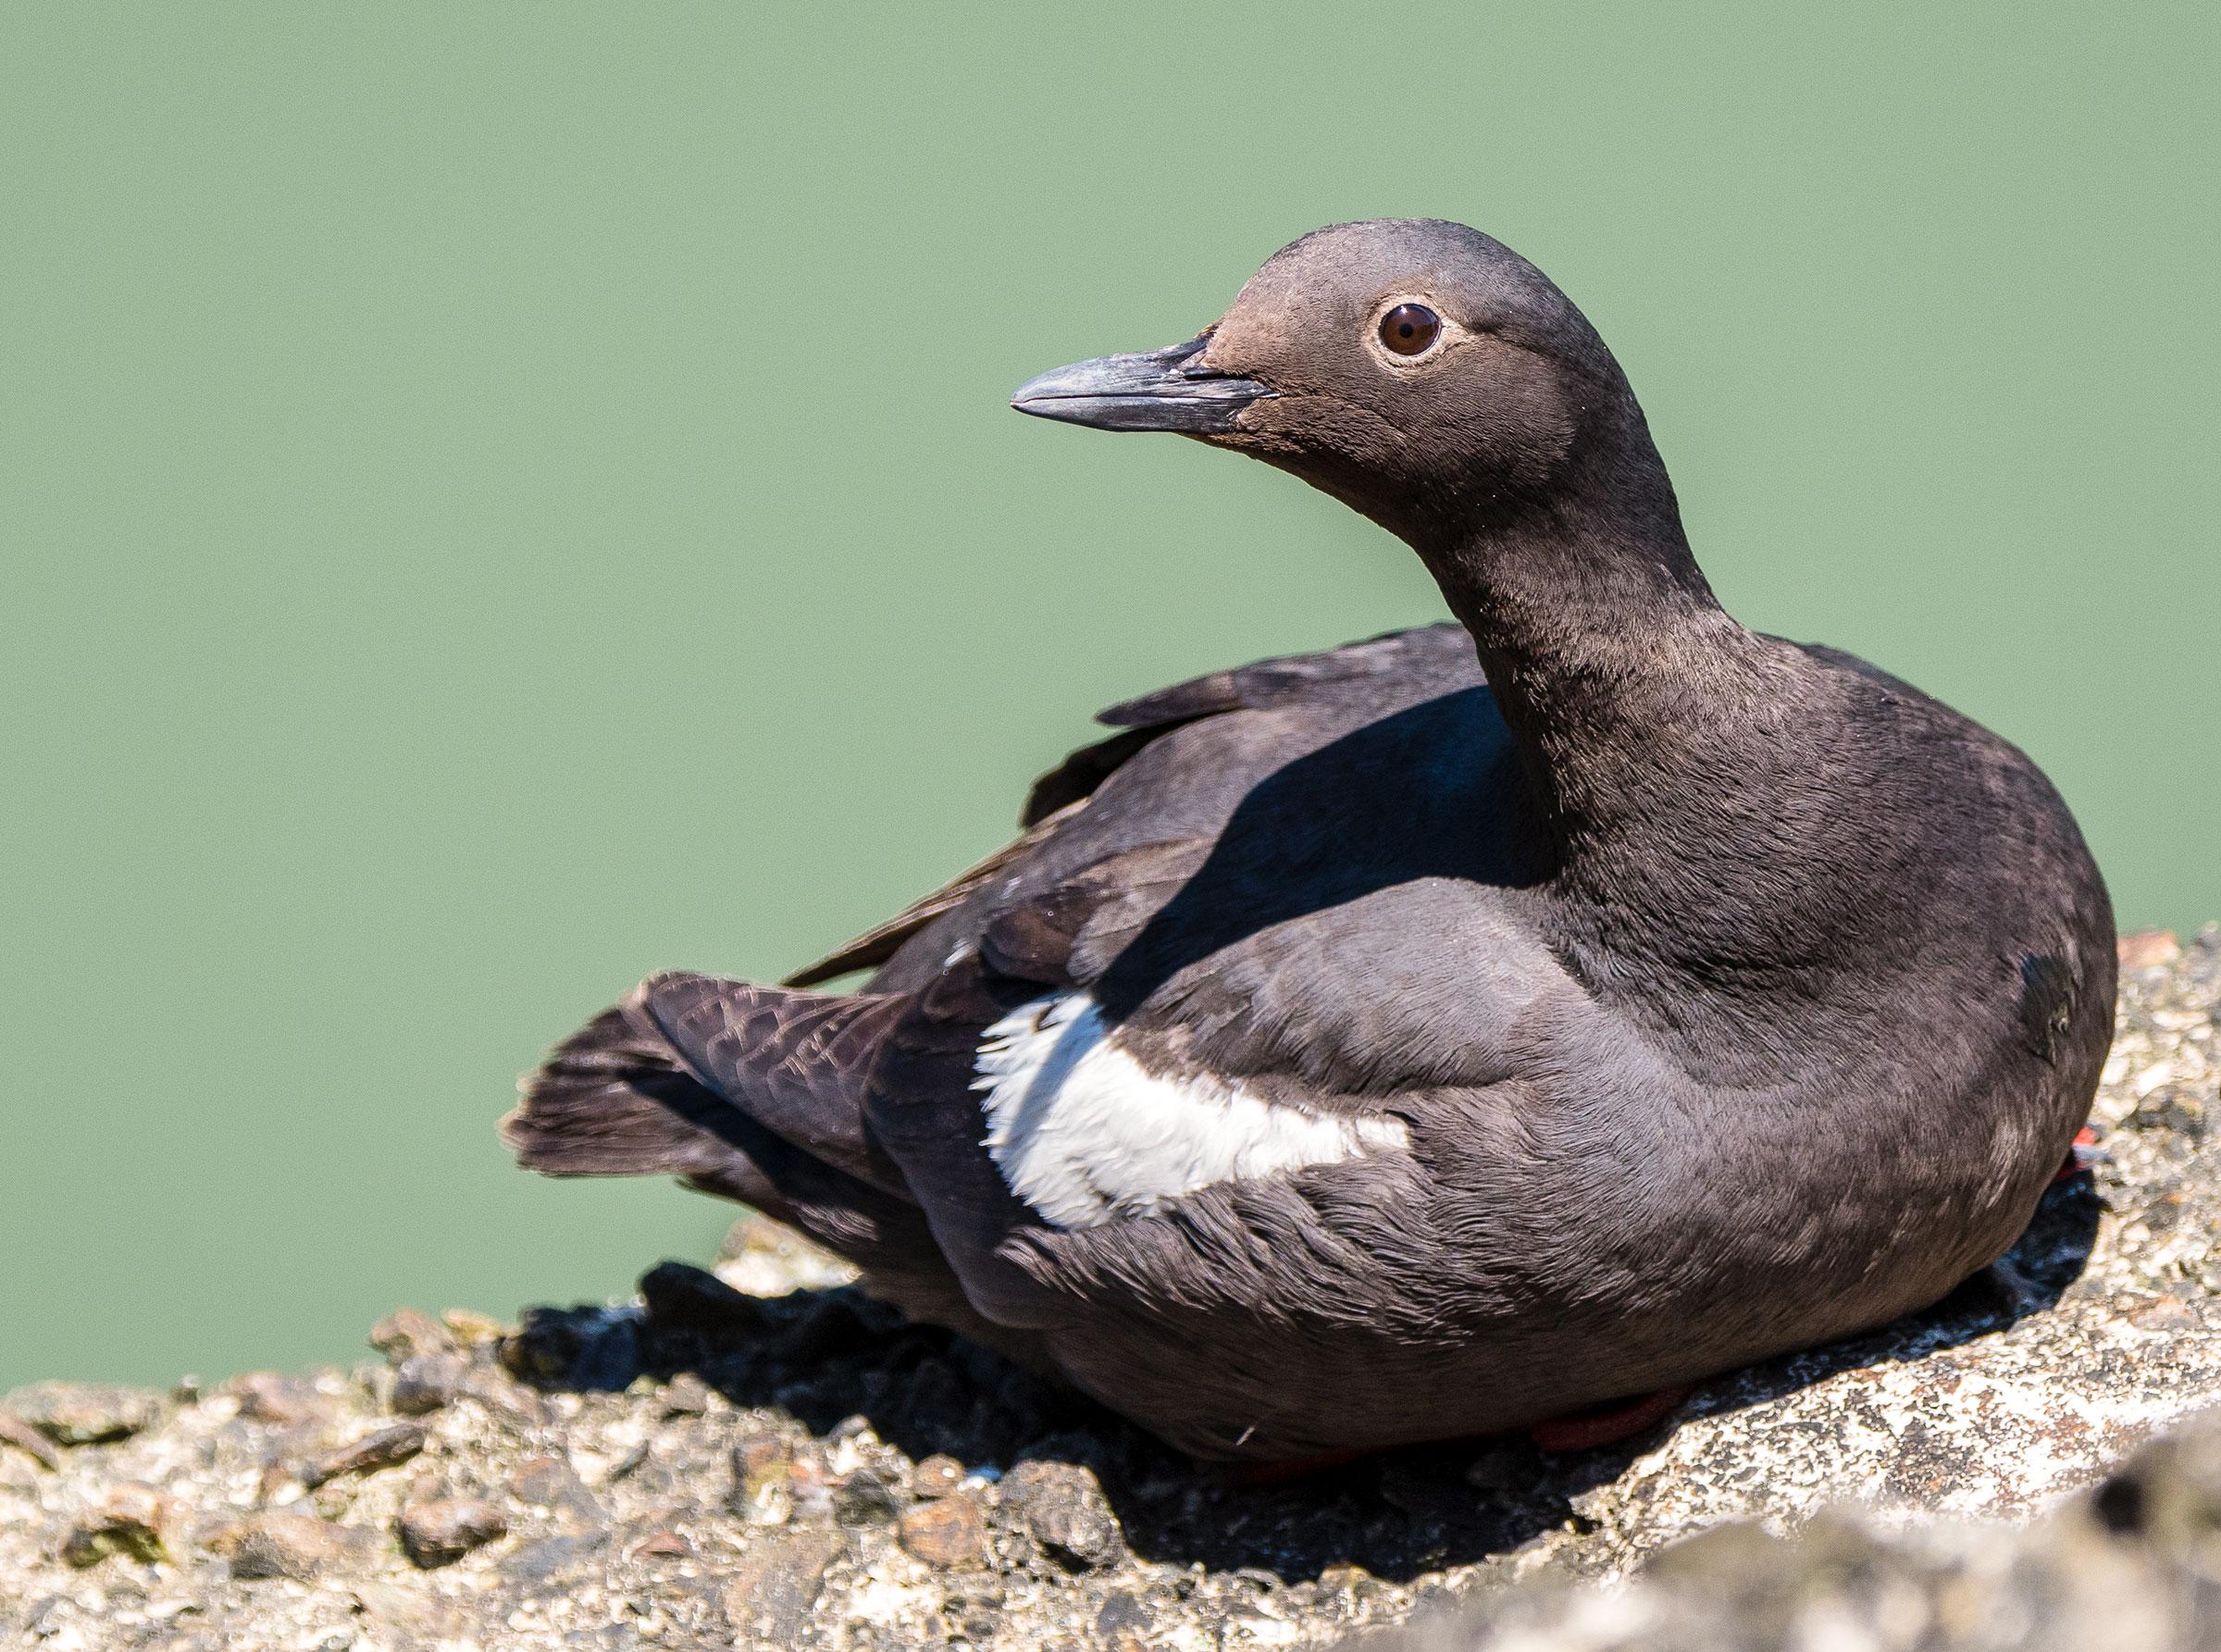 """Pigeon Guillemot. <a href=""""https://www.flickr.com/photos/beckymatsubara/34533107873/in/photolist-JLnpa2-VfW9h5-UBzcRB-bWjmtc-27RRR1"""">Becky Matsubara</a>/Flickr (CC BY 2.0)"""